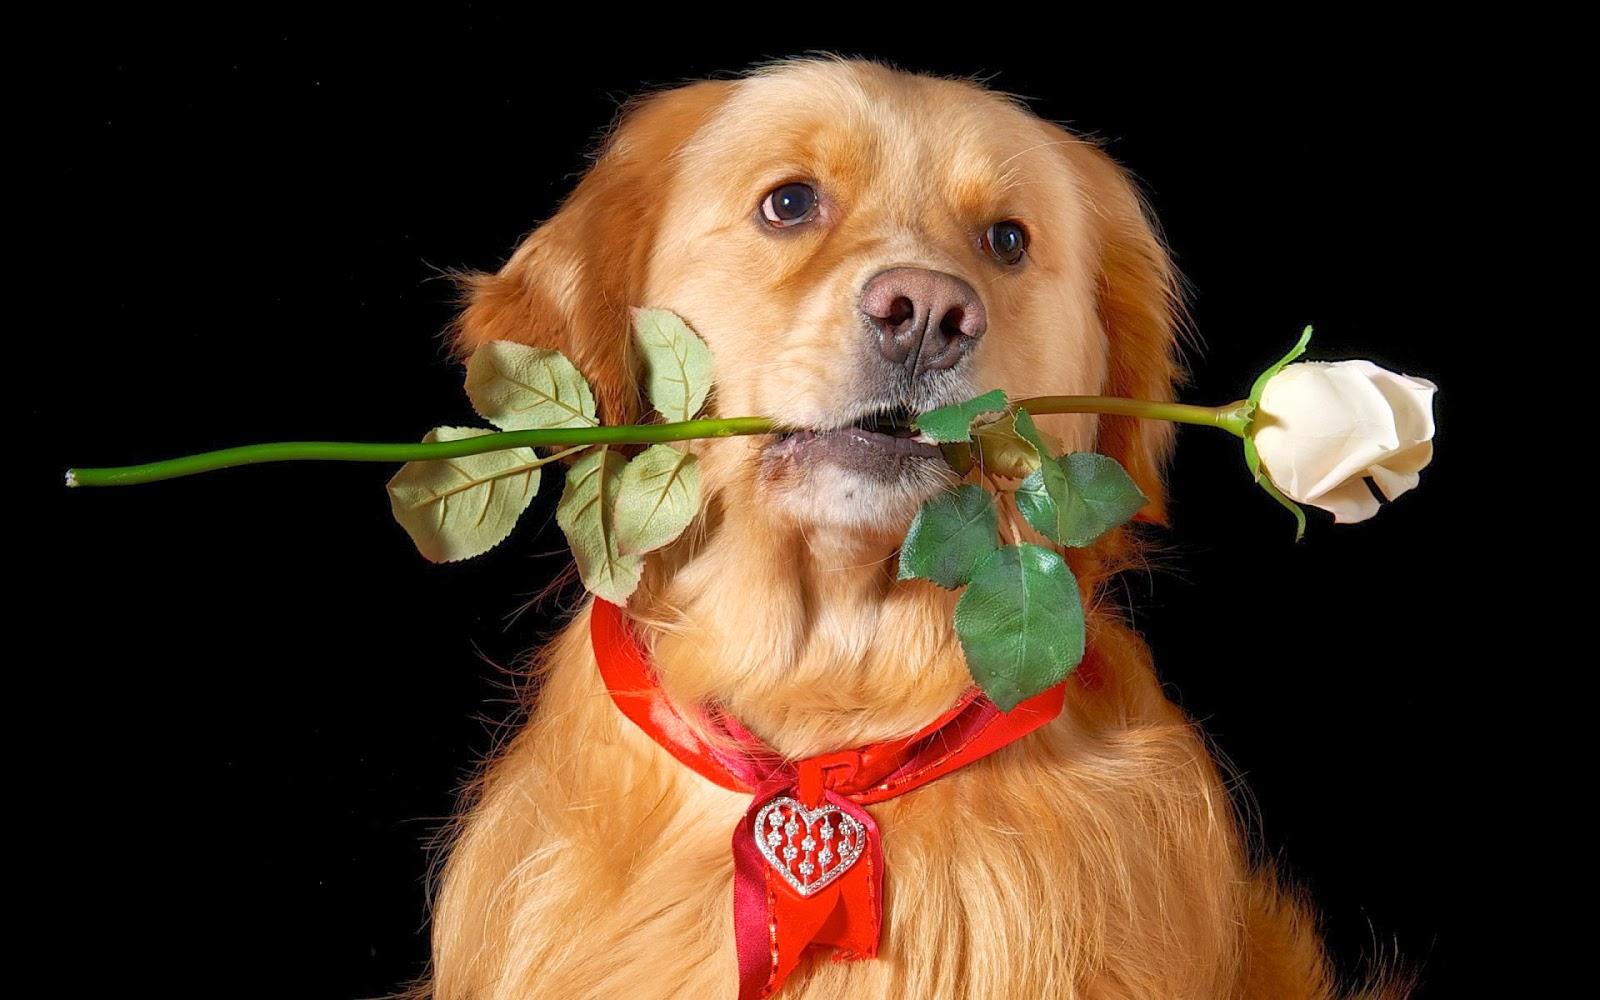 Hond met witte roos in zijn bek op een zwarte achtergrond